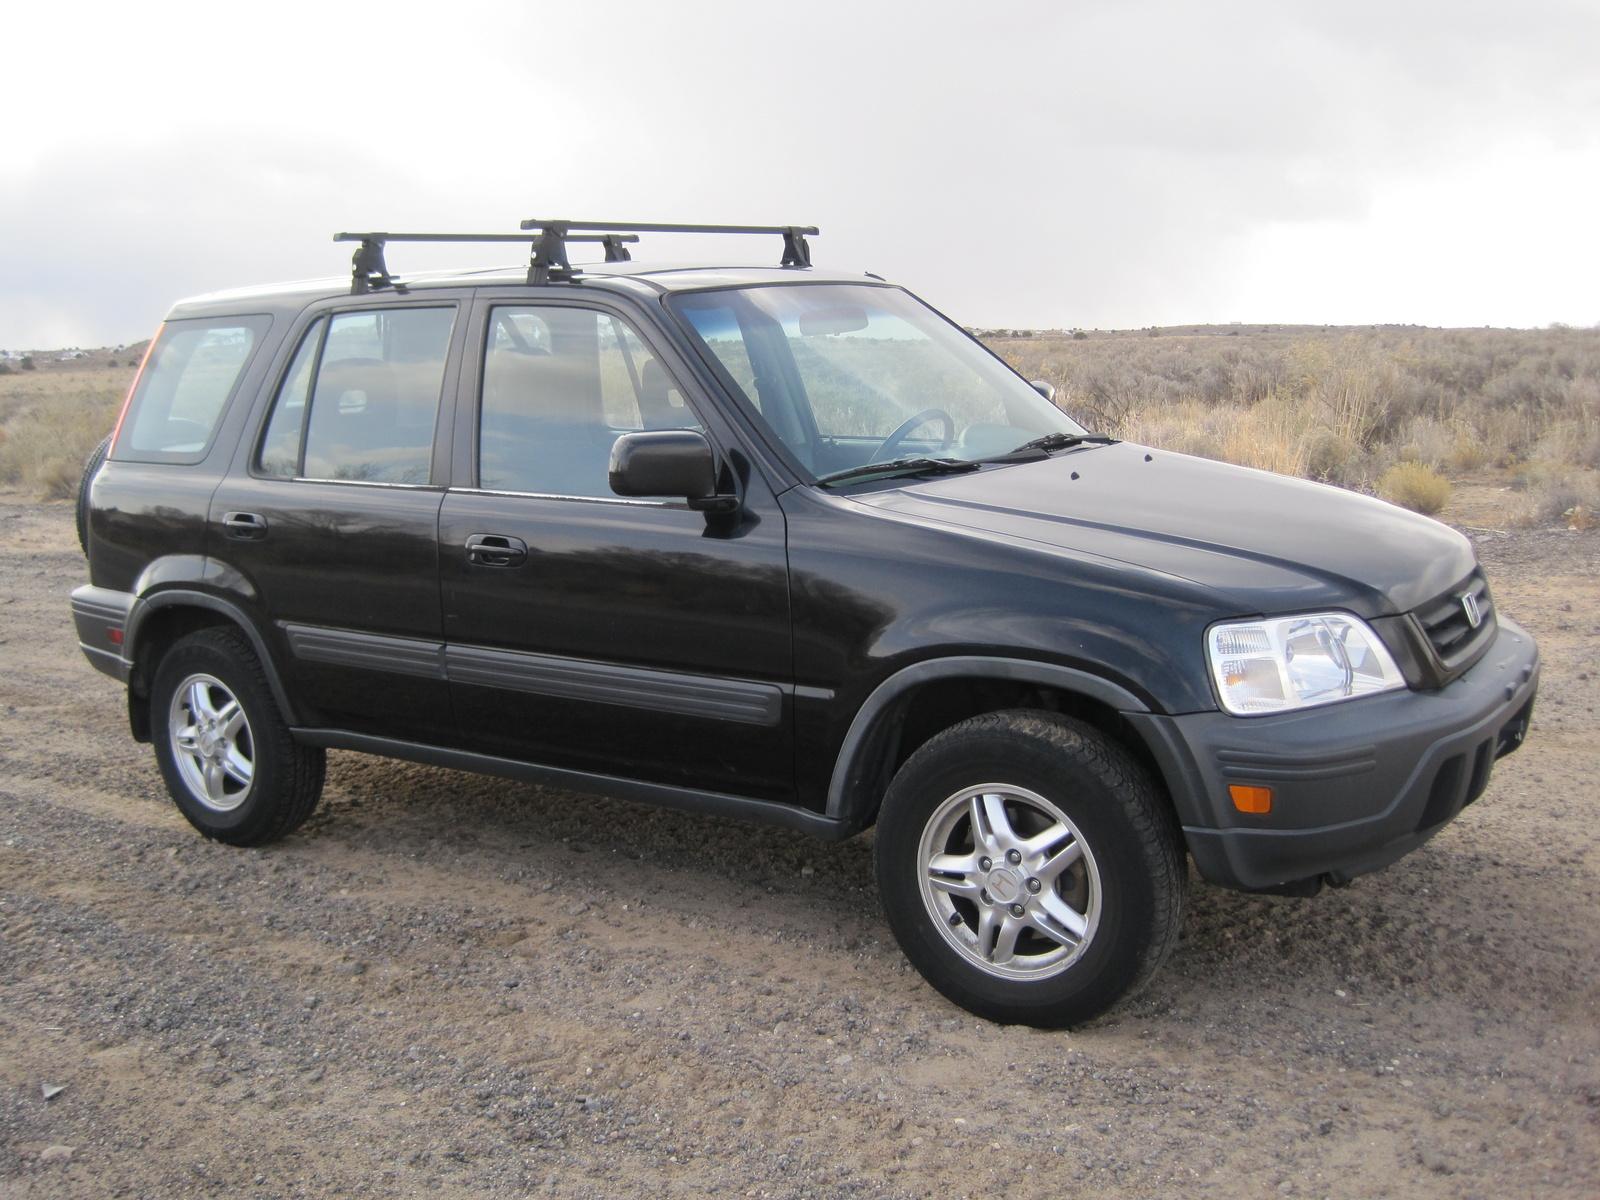 1999 Honda CR-V - Exterior Pictures - CarGurus